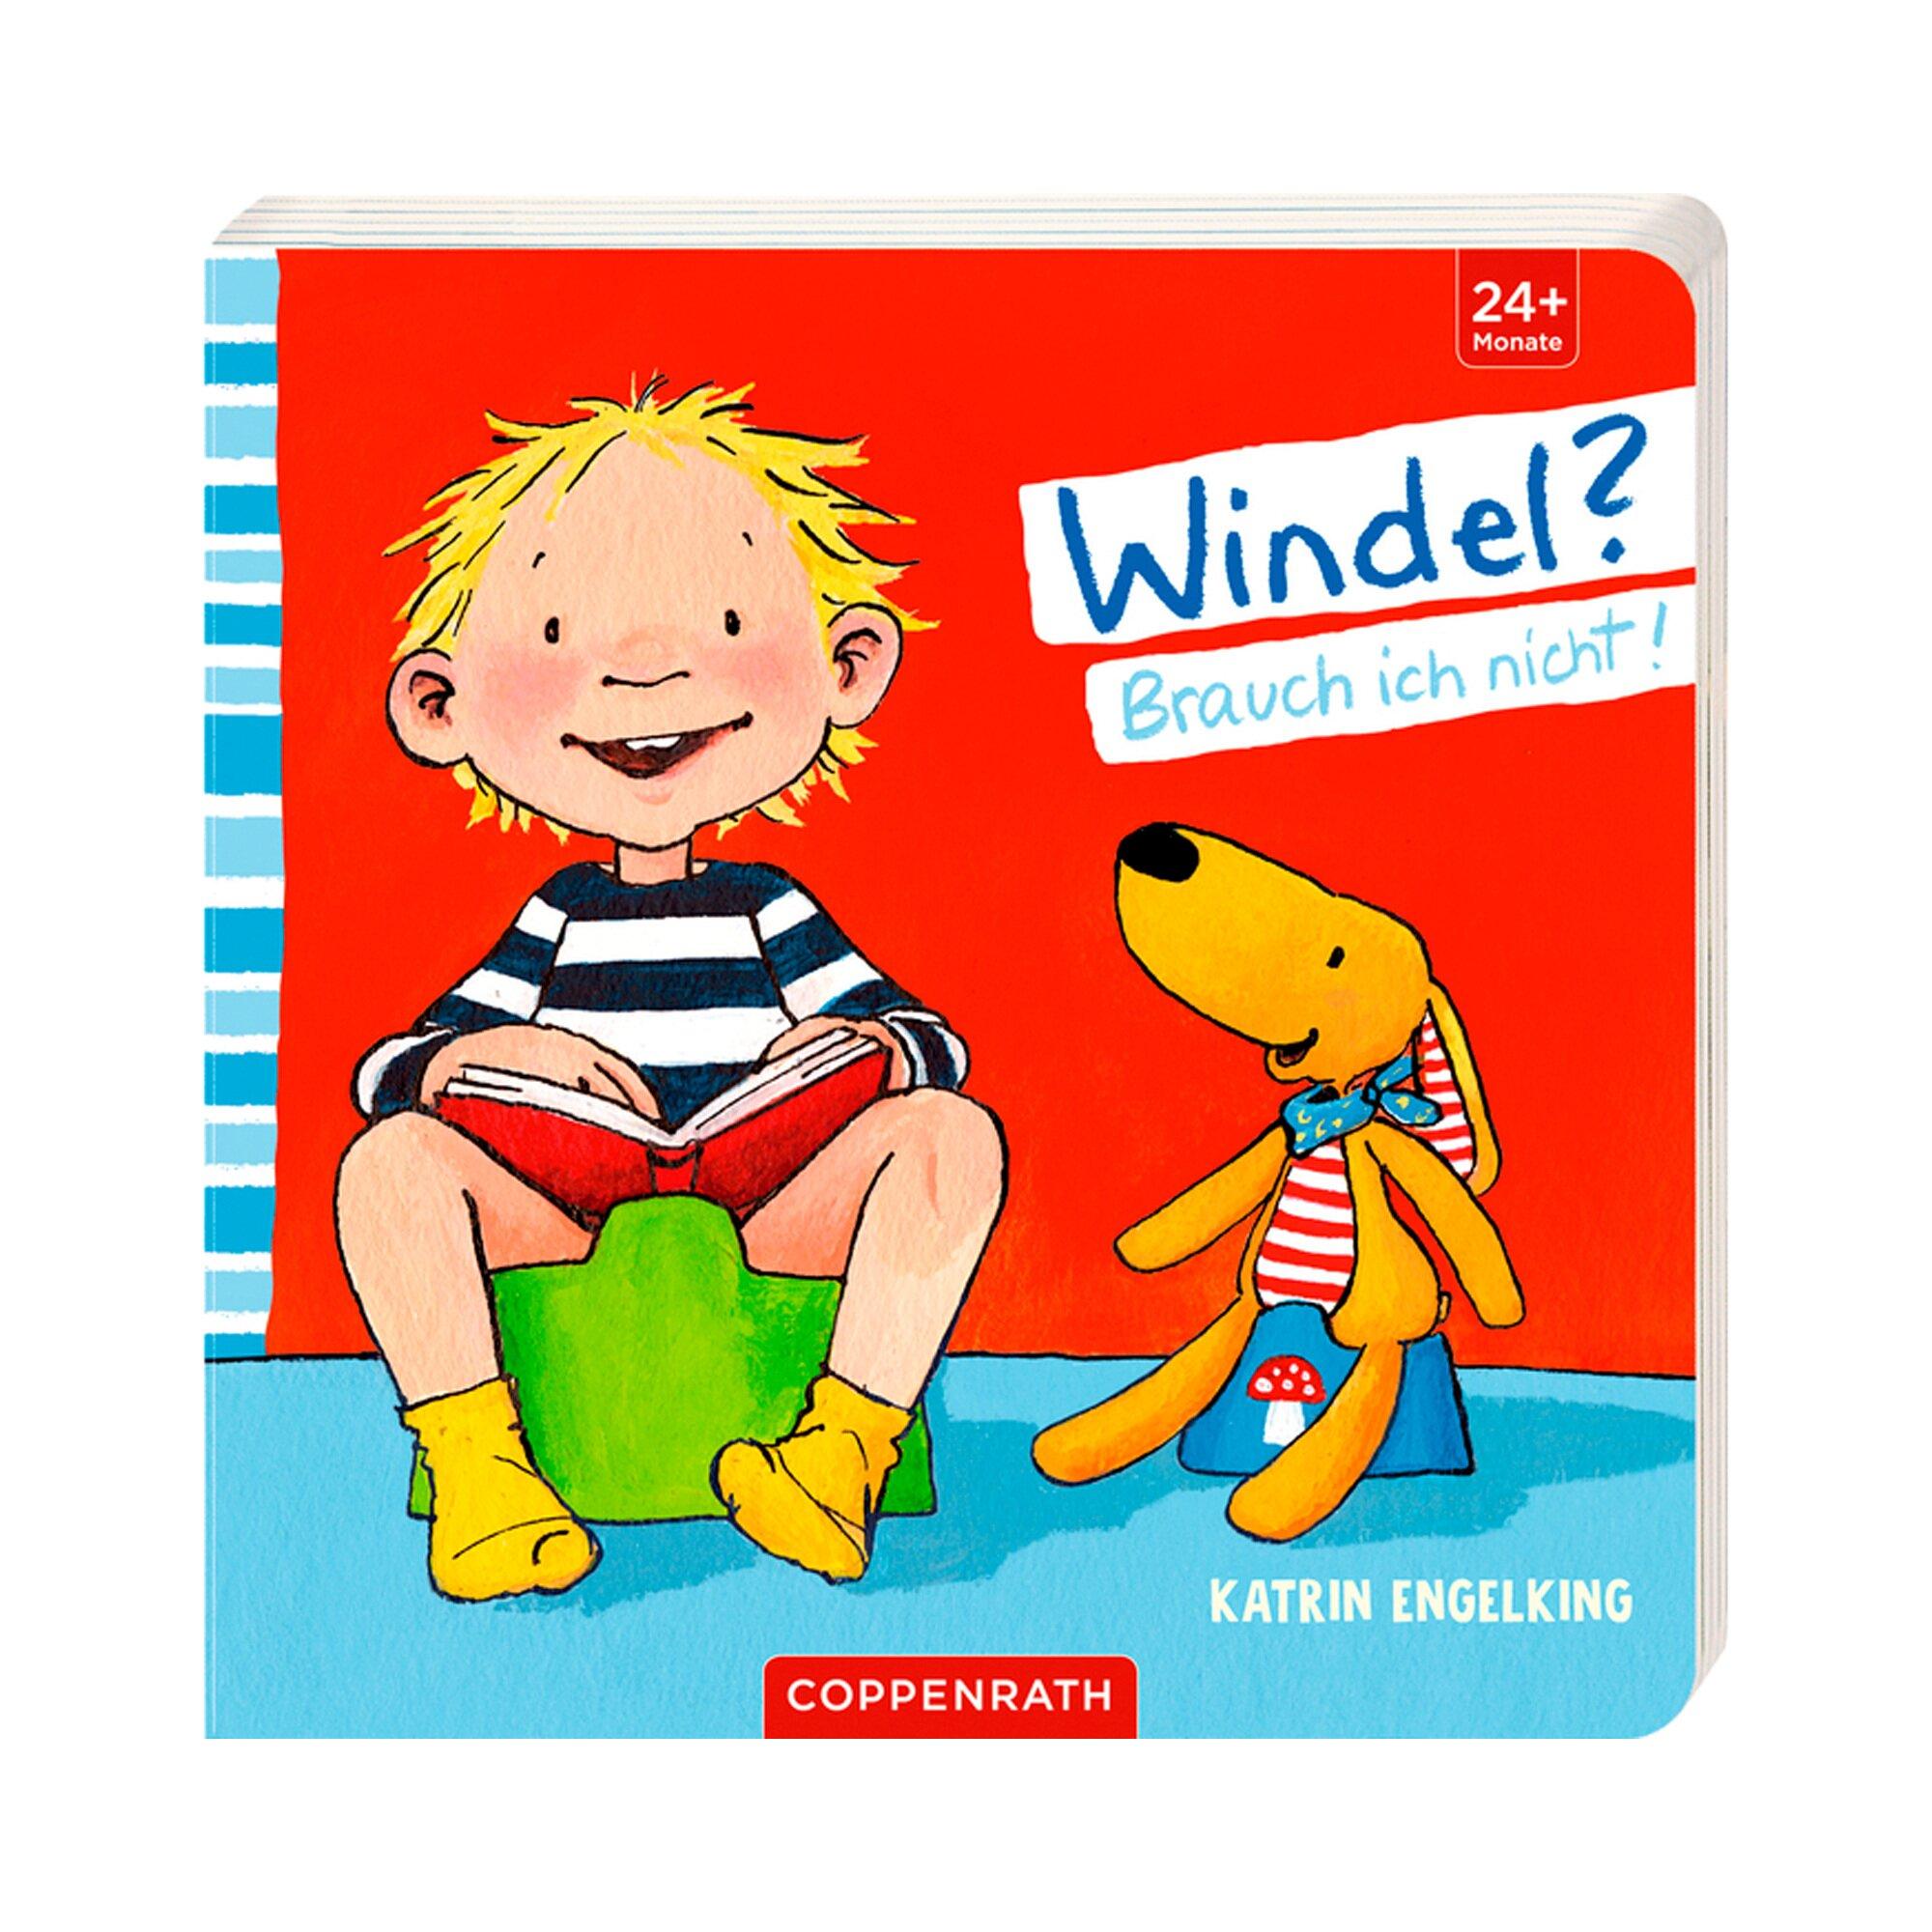 Coppenrath Die Spiegelburg Pappbilderbuch Windel? Brauch ich nicht!